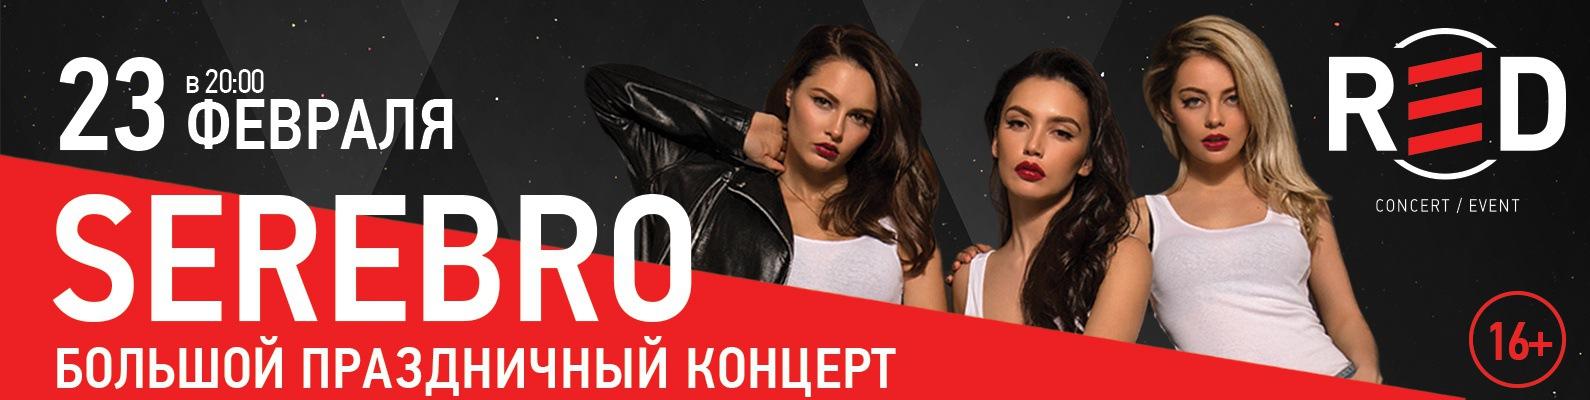 23 февраля в московском клубе RED состоится большой праздничный концерт...